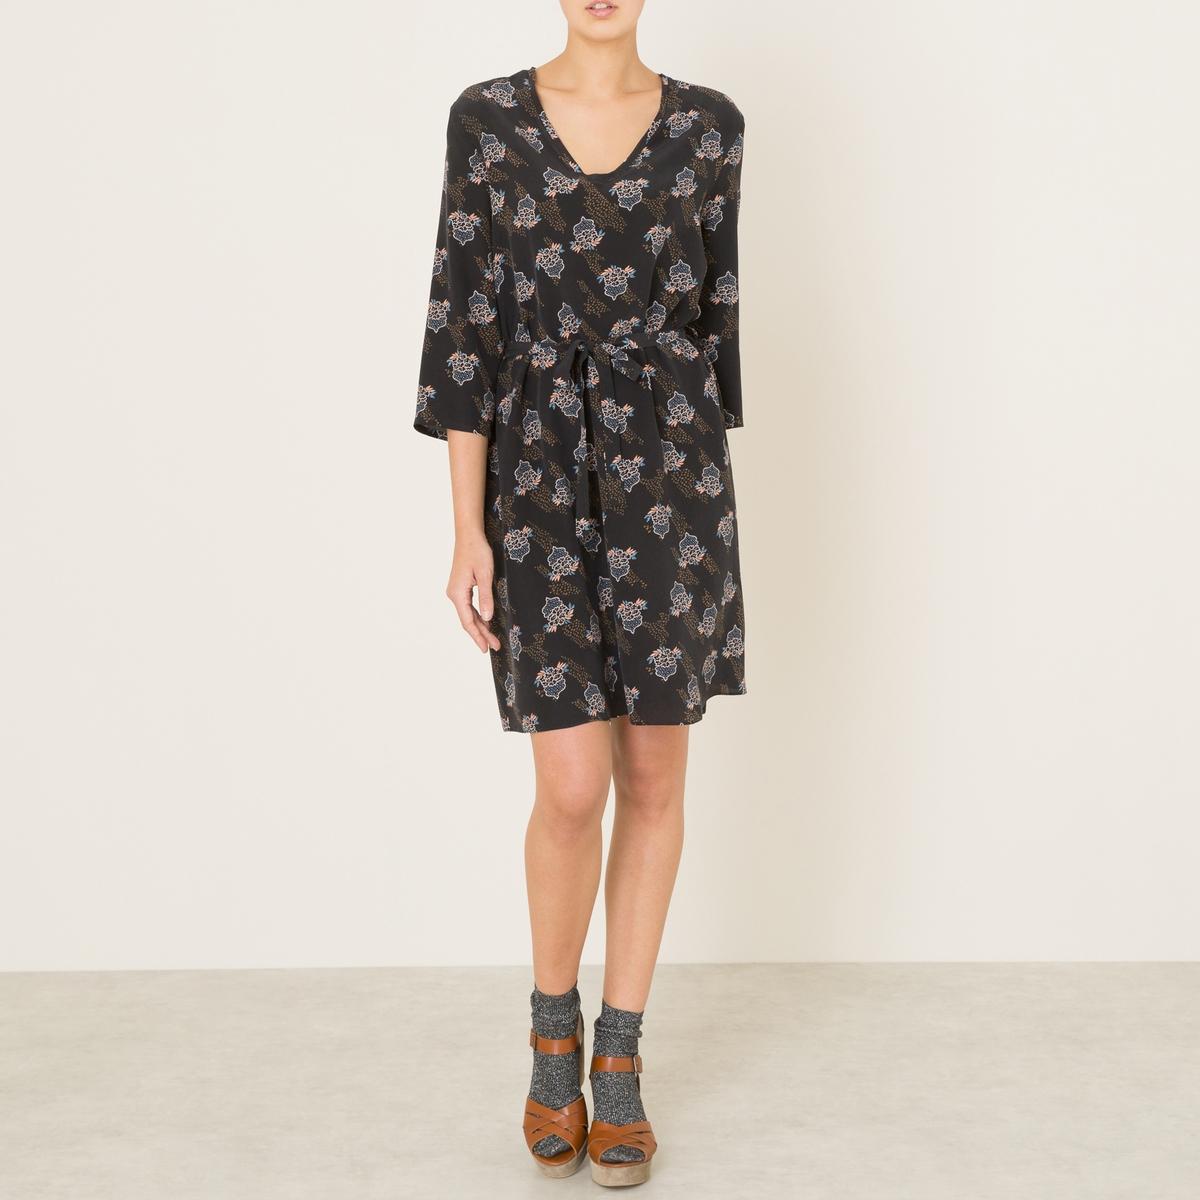 Платье из шелка PANAMEСостав и описание    Материал : 100% шелк   Длина : до колен   Марка : ANNA STUDIO<br><br>Цвет: фиолетовый<br>Размер: M